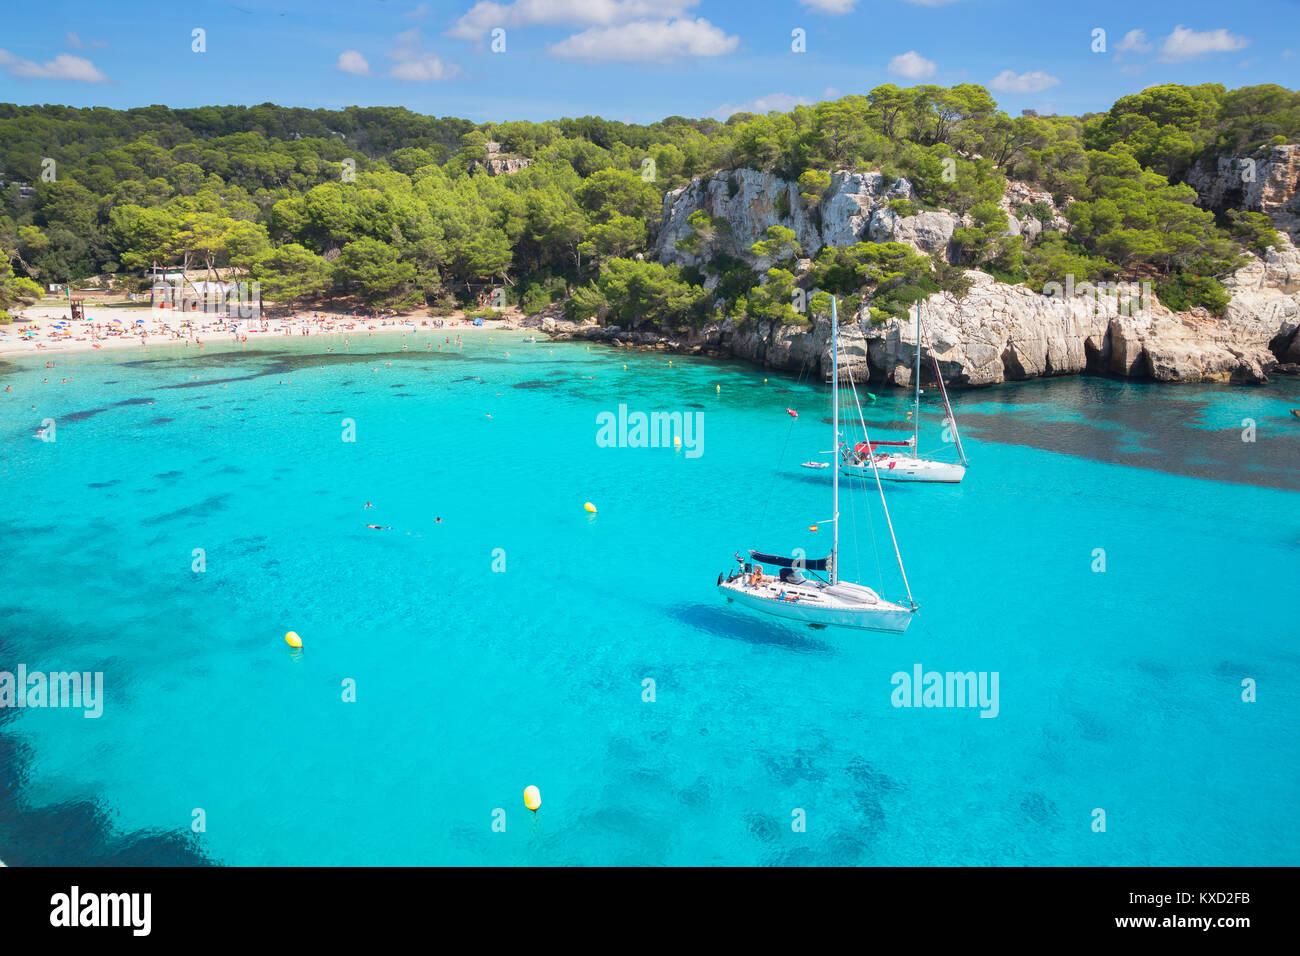 Vista di Cala Macarella e barche a vela, Menorca, isole Baleari, Spagna, Europa Immagini Stock